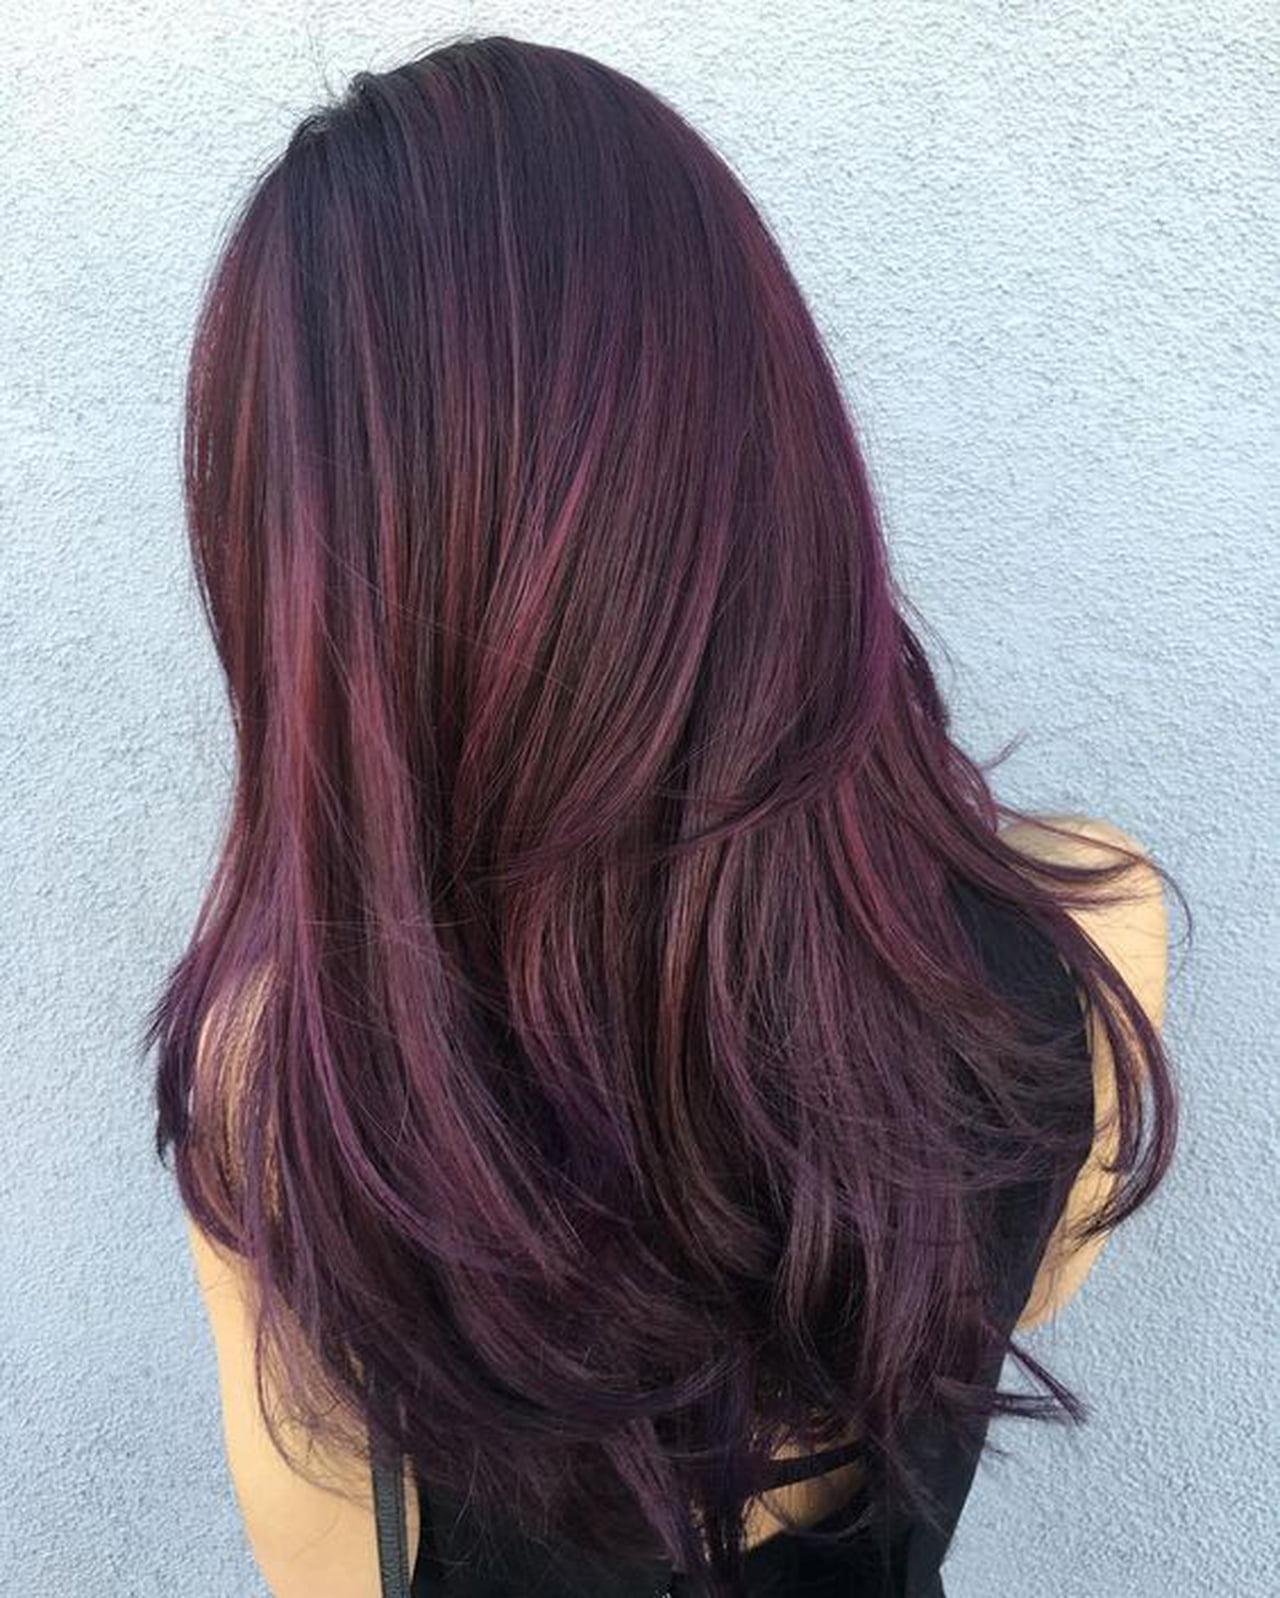 صورة صبغات شعر طبيعية, اجعلي شعرك ناعم كالحرير 1106 6